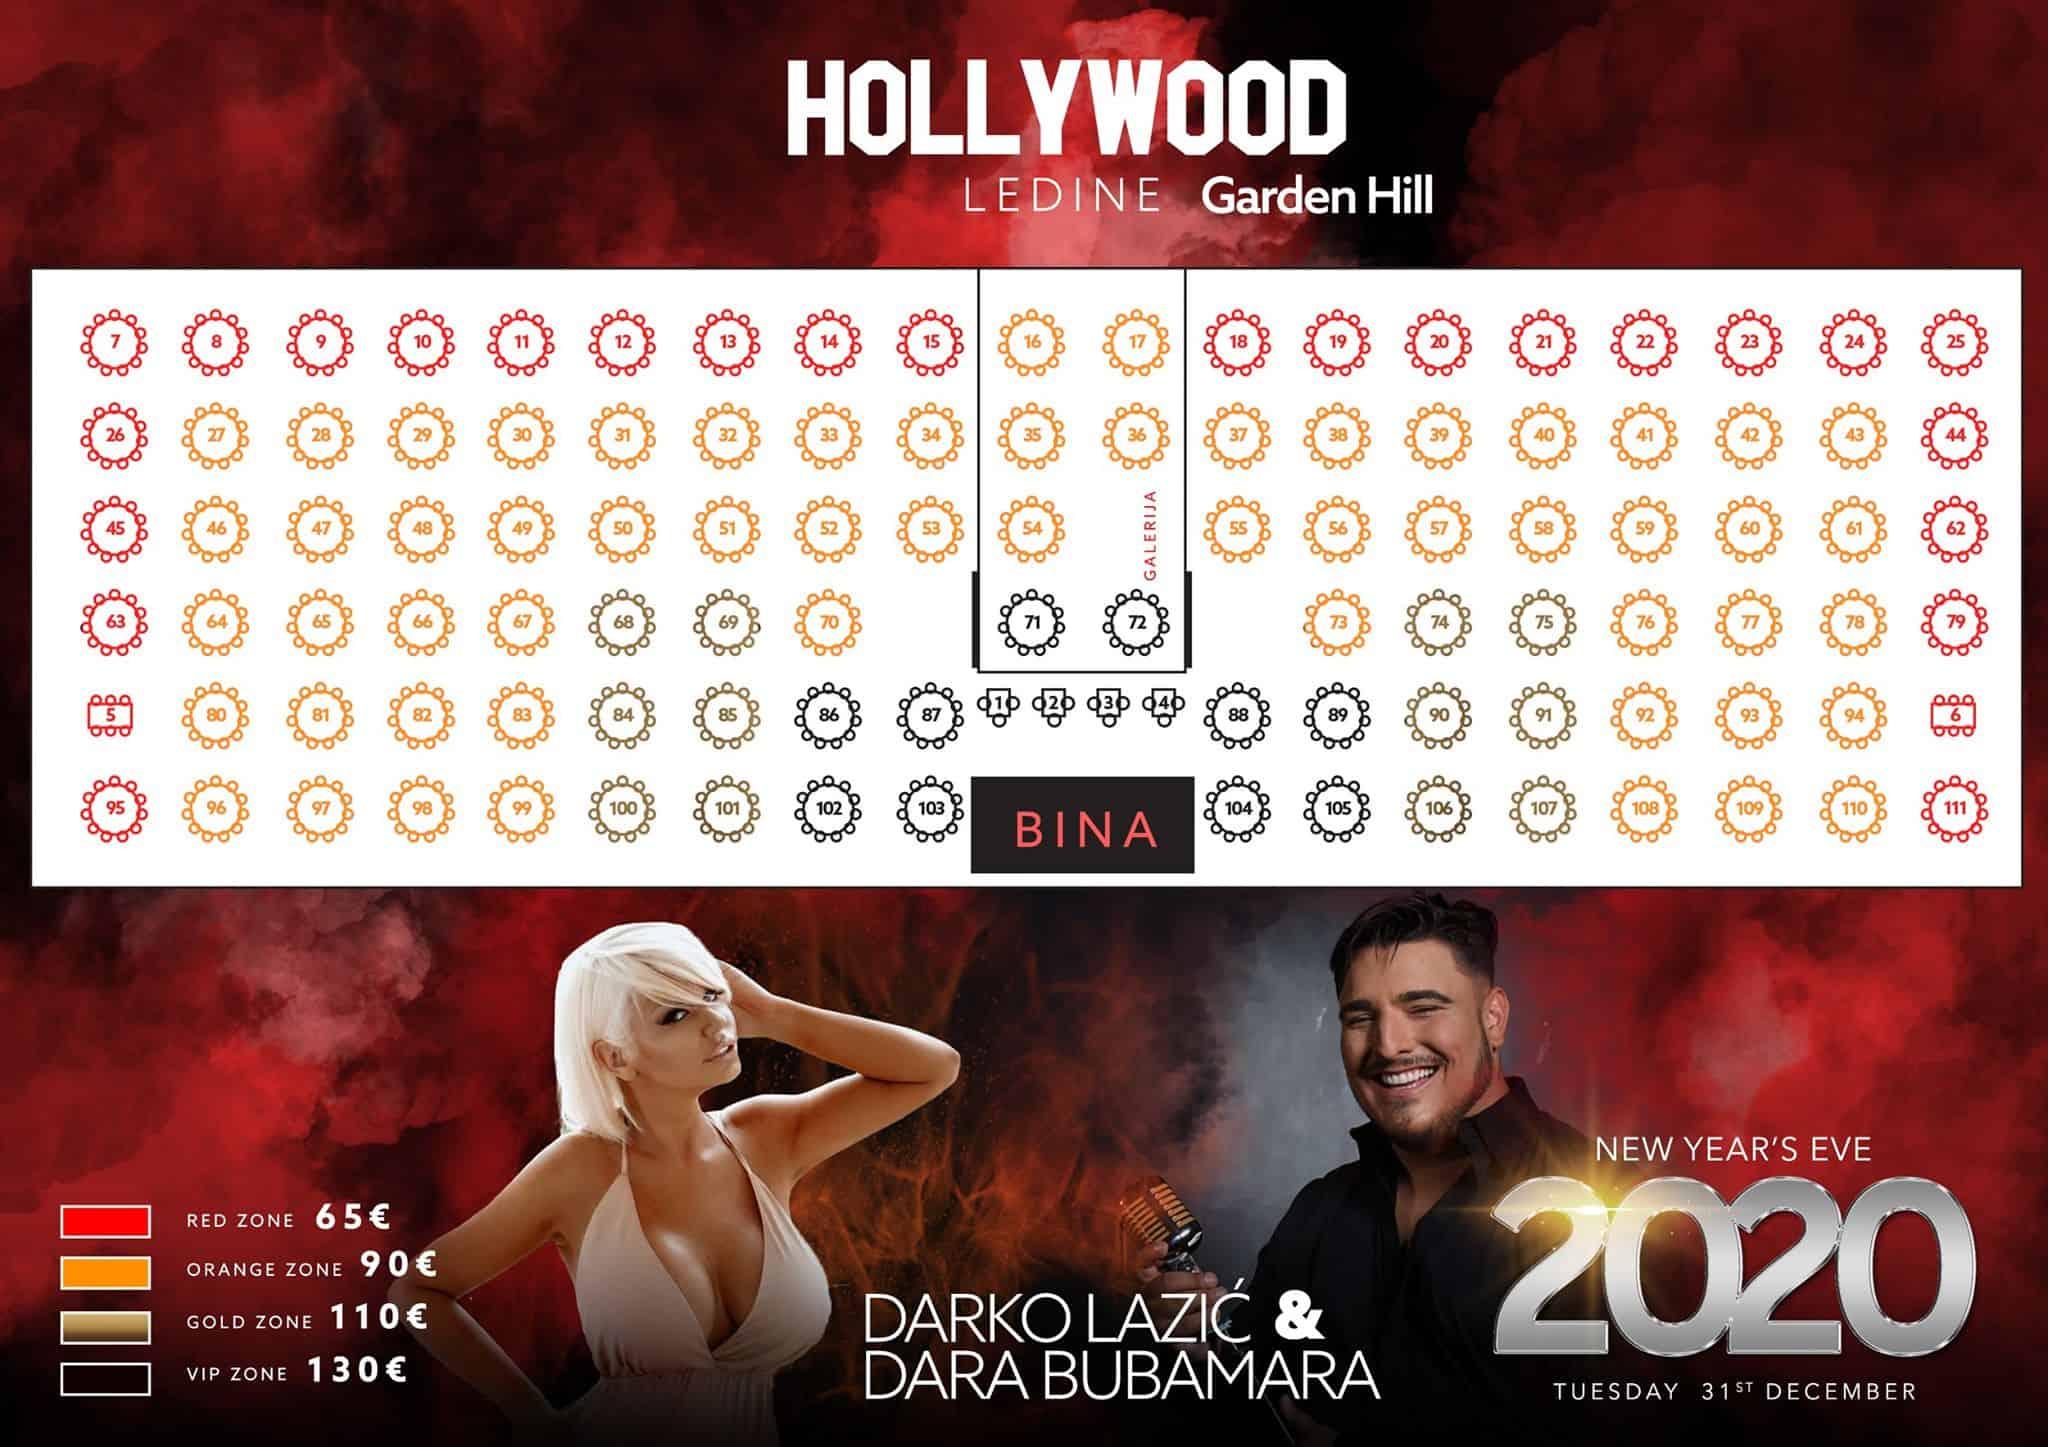 Docek-Nove-godine-Beograd-2020-Restoran-Hollywood-Ledine-mapa 3